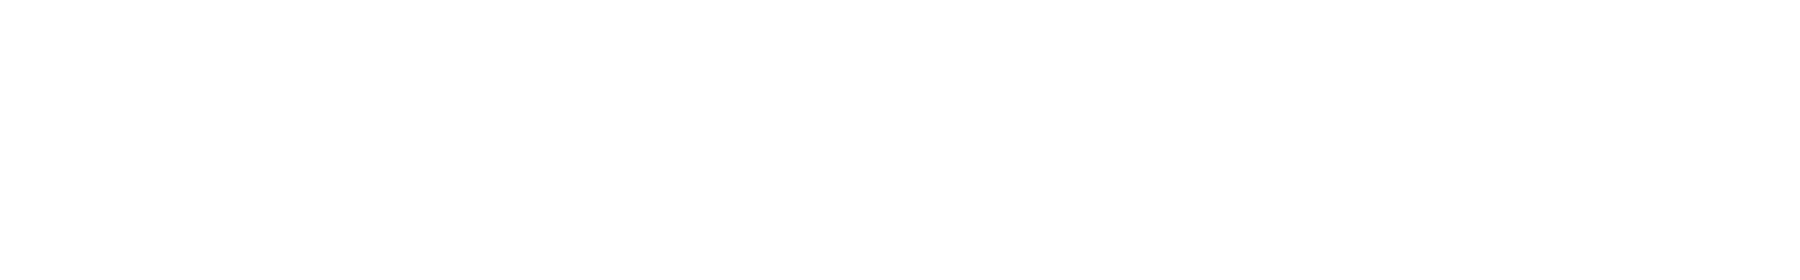 vedh bass cut 095 f